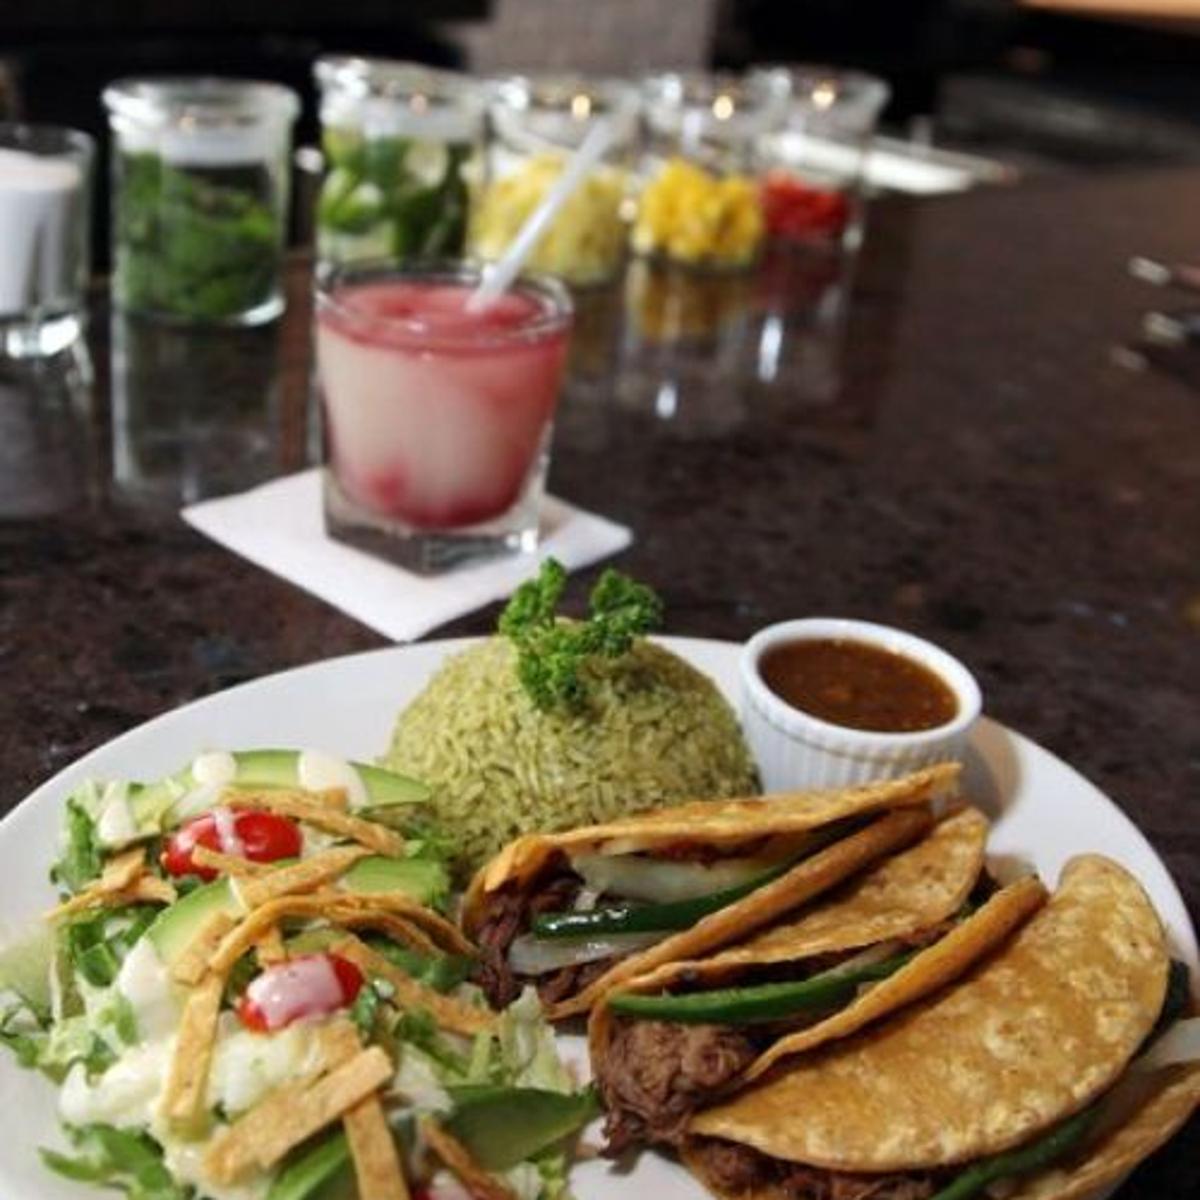 Mi Cocina Restaurant Serves Up Solid Tex Mex Fare Good Service